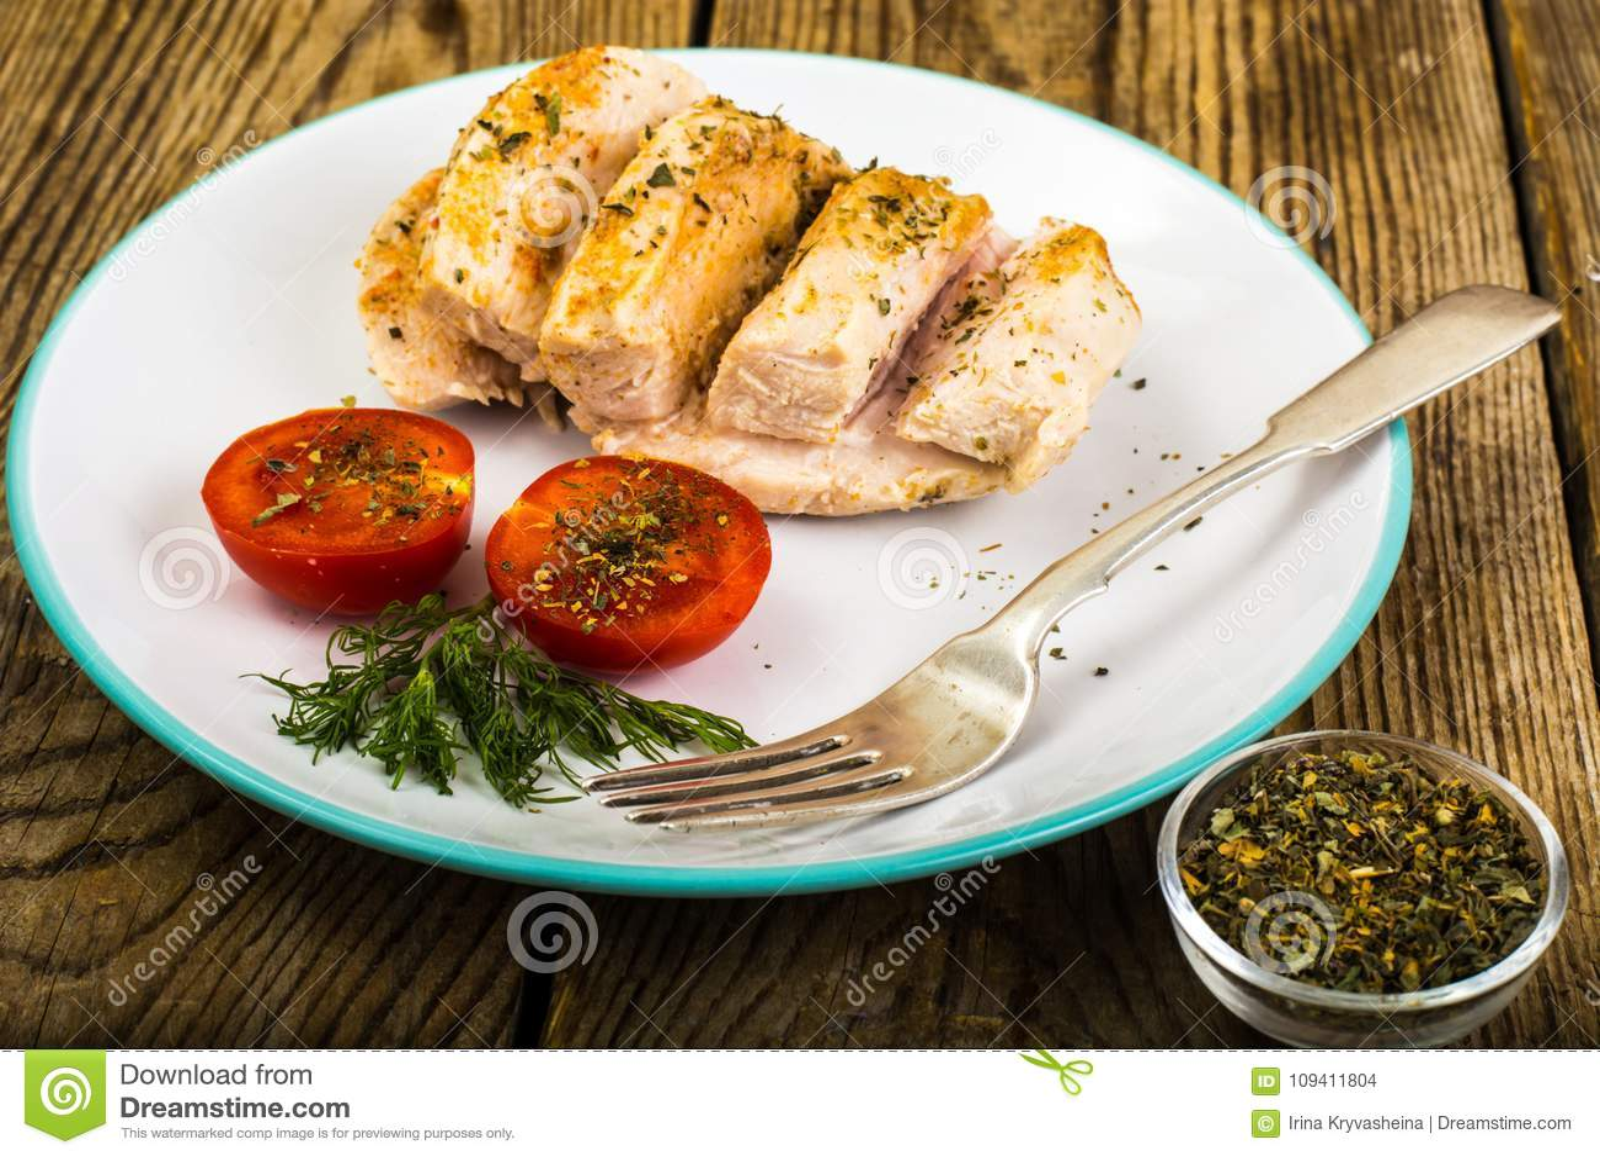 dieta del tomate y pollo